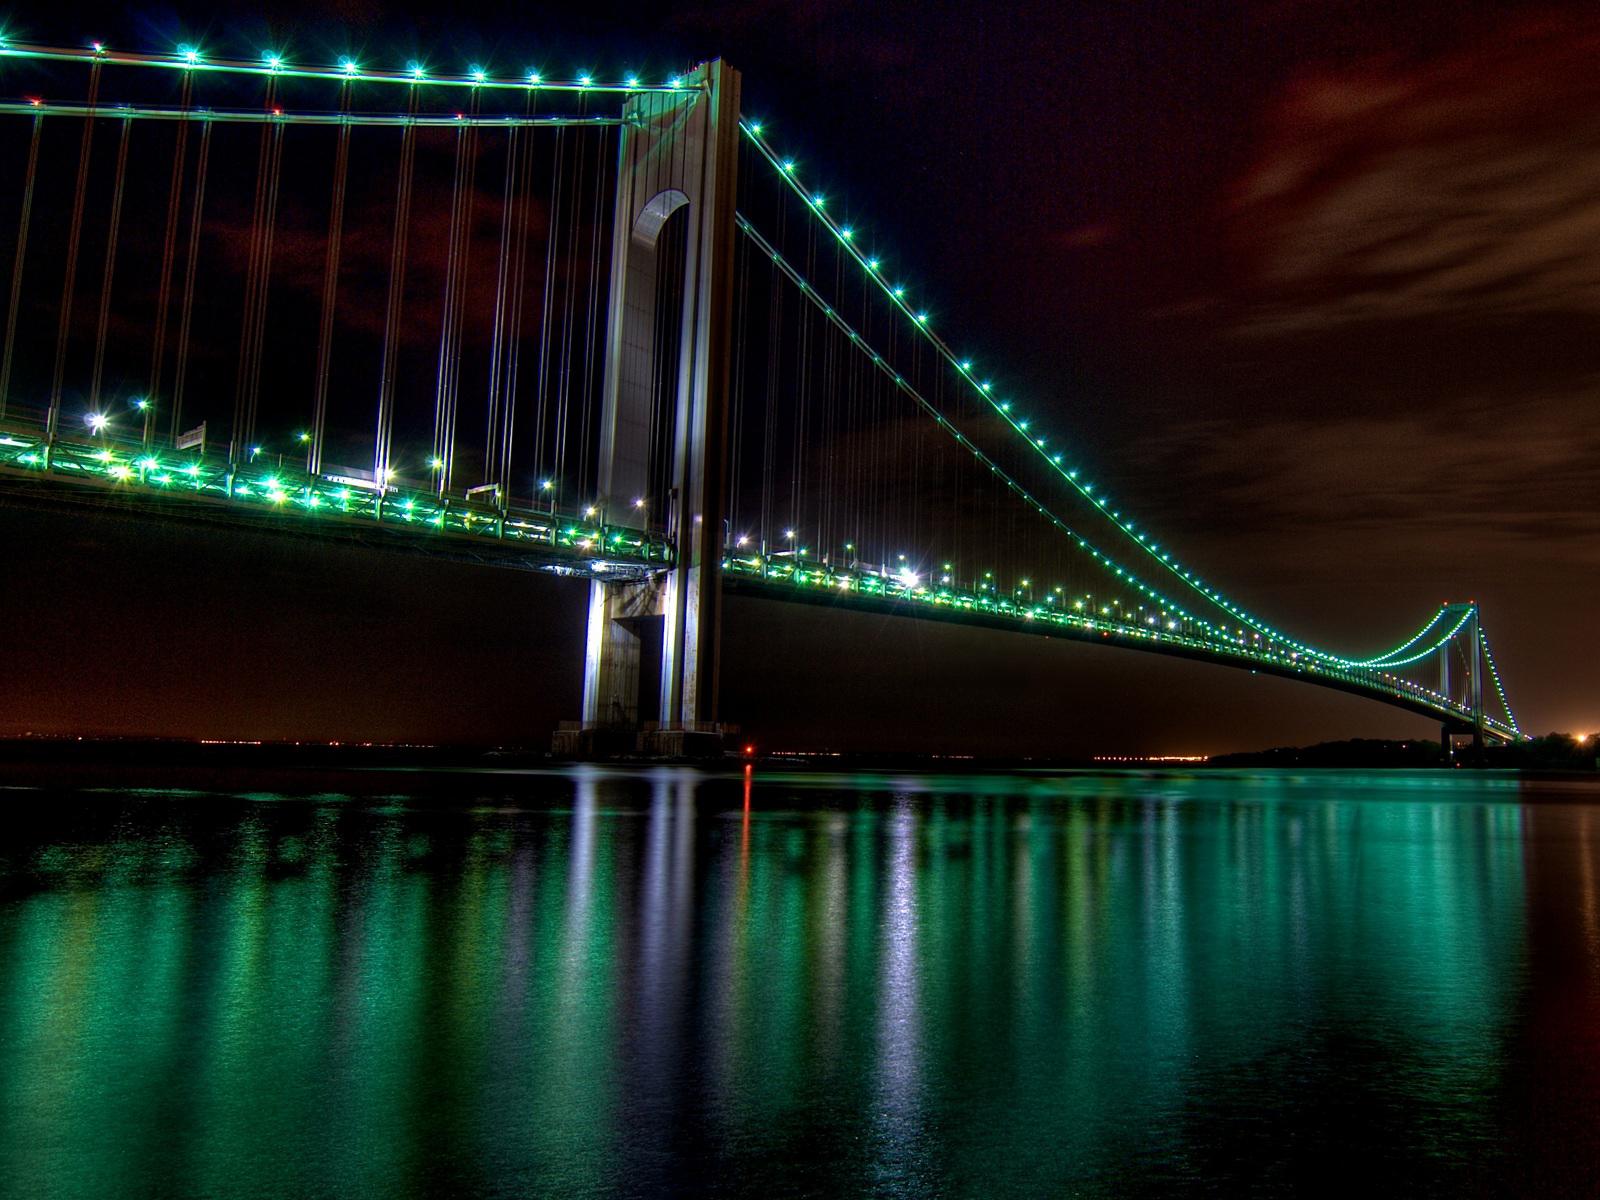 красивые фото на ватсап мосты ромашка